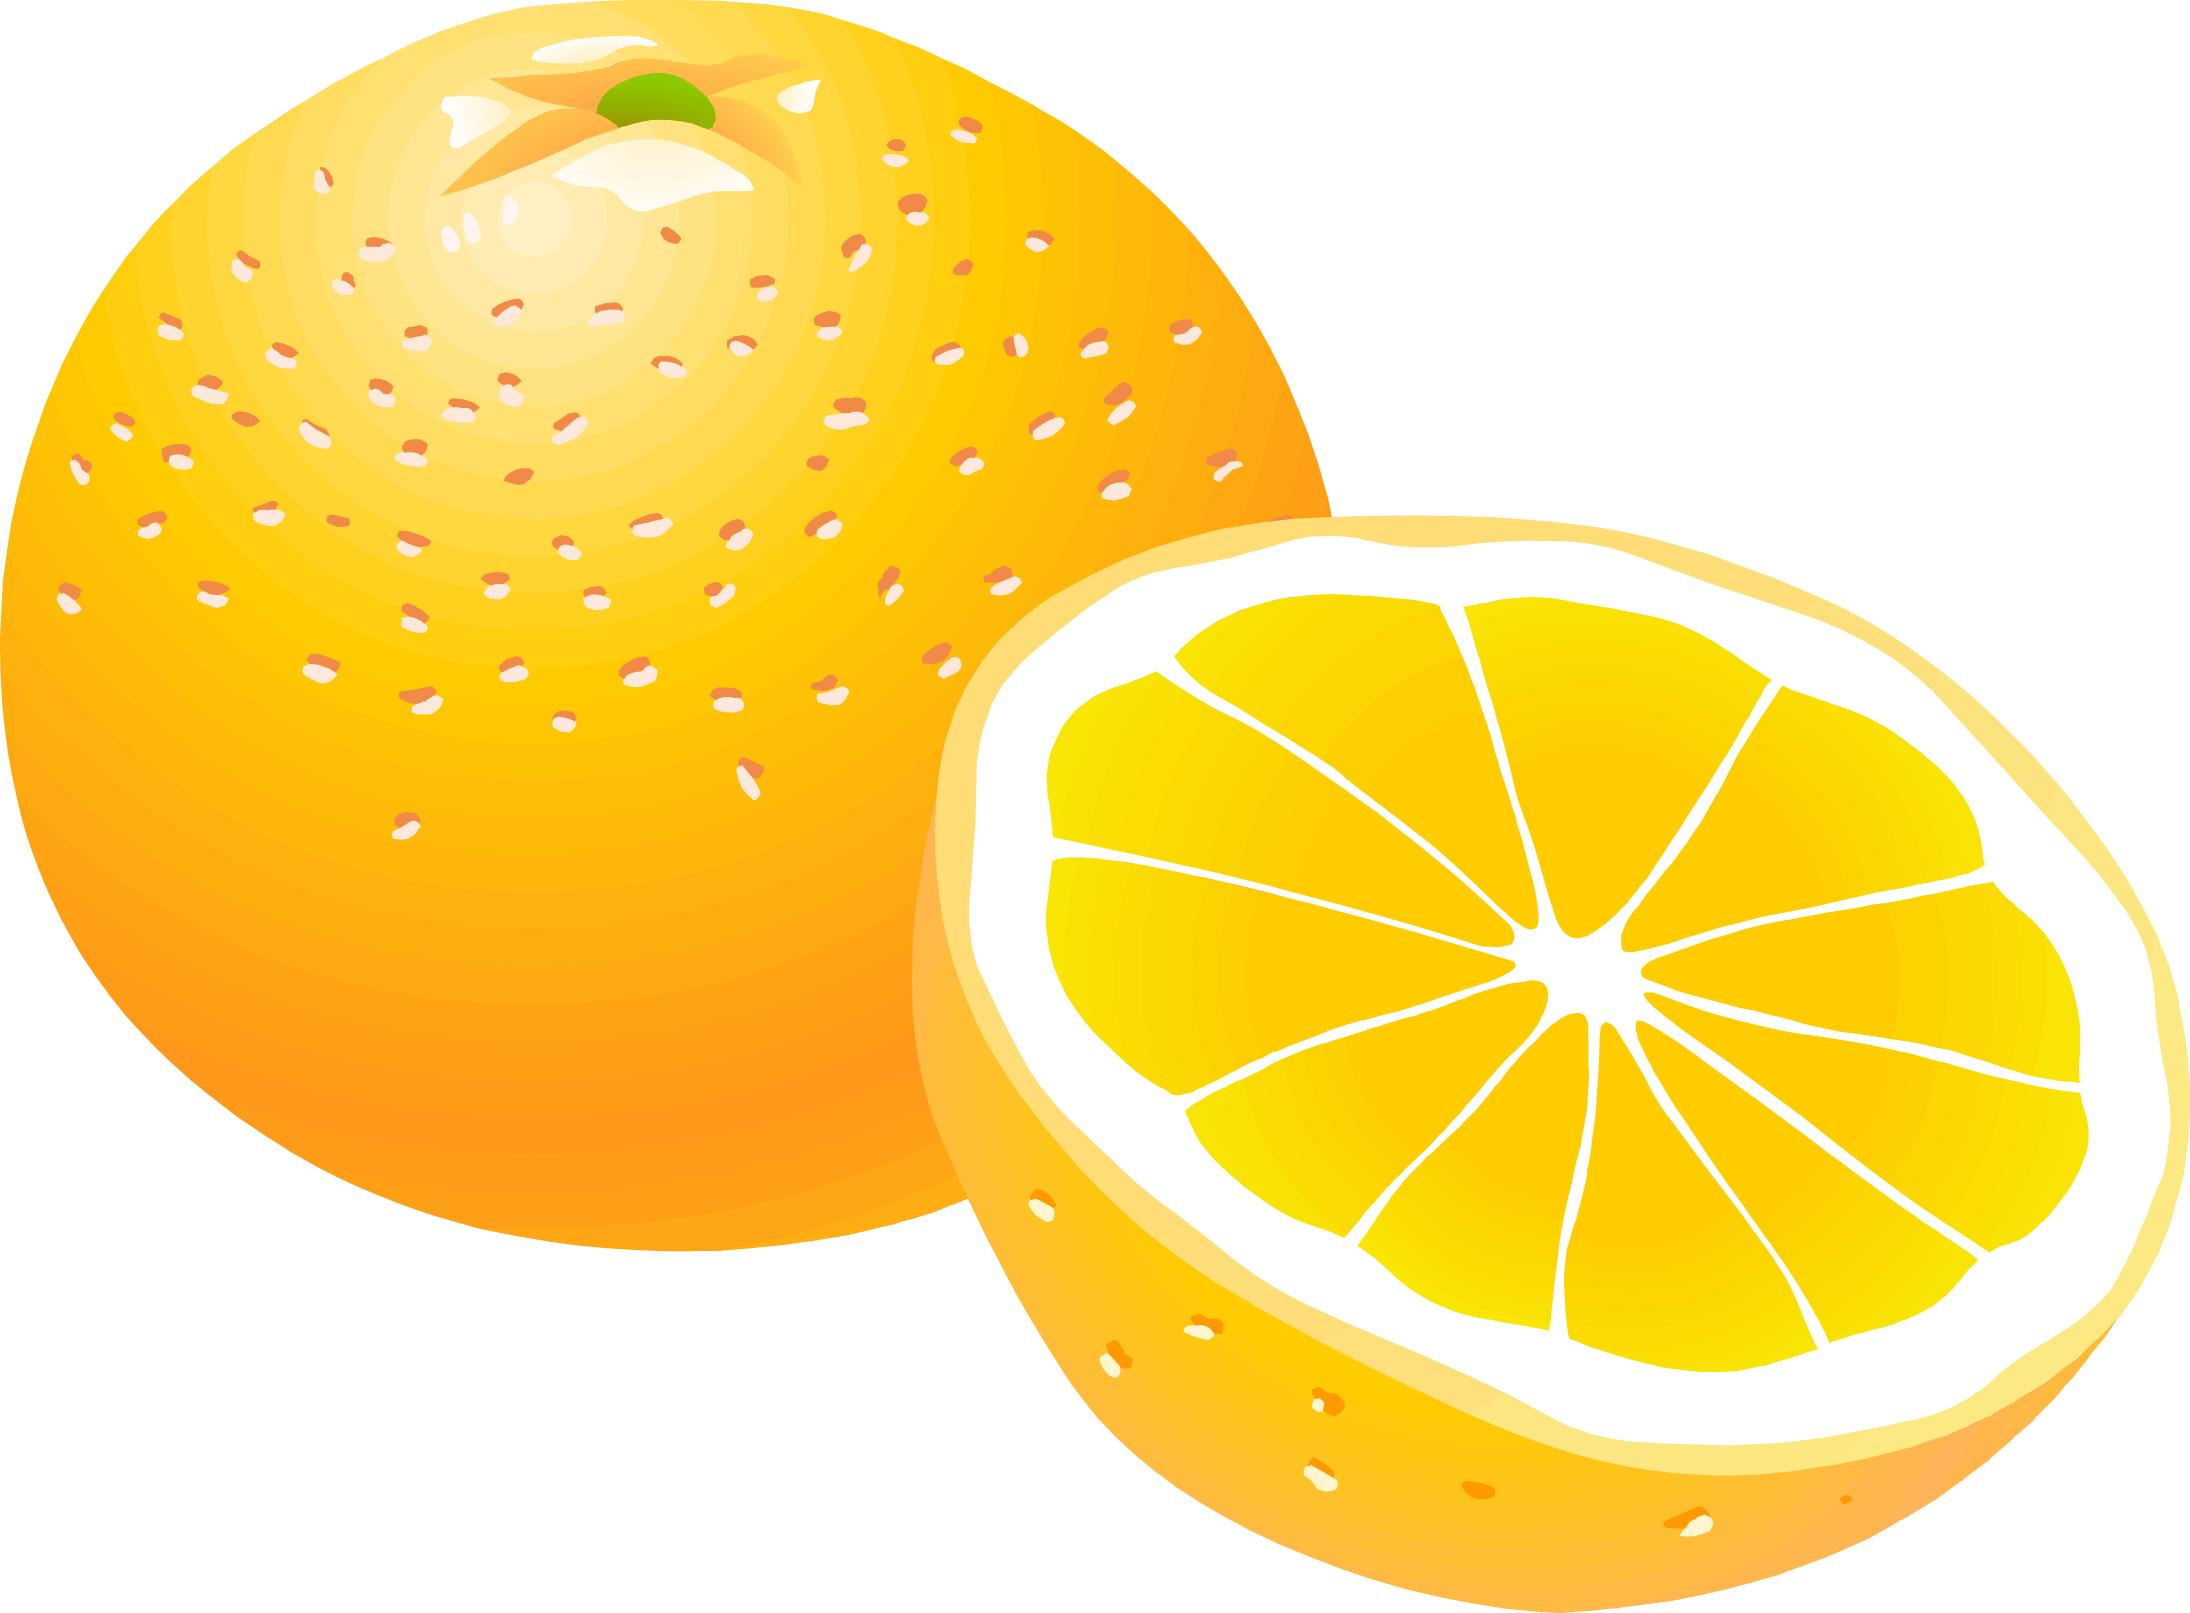 orange clipart clipart suggest orange clipart funny oranges clip art free